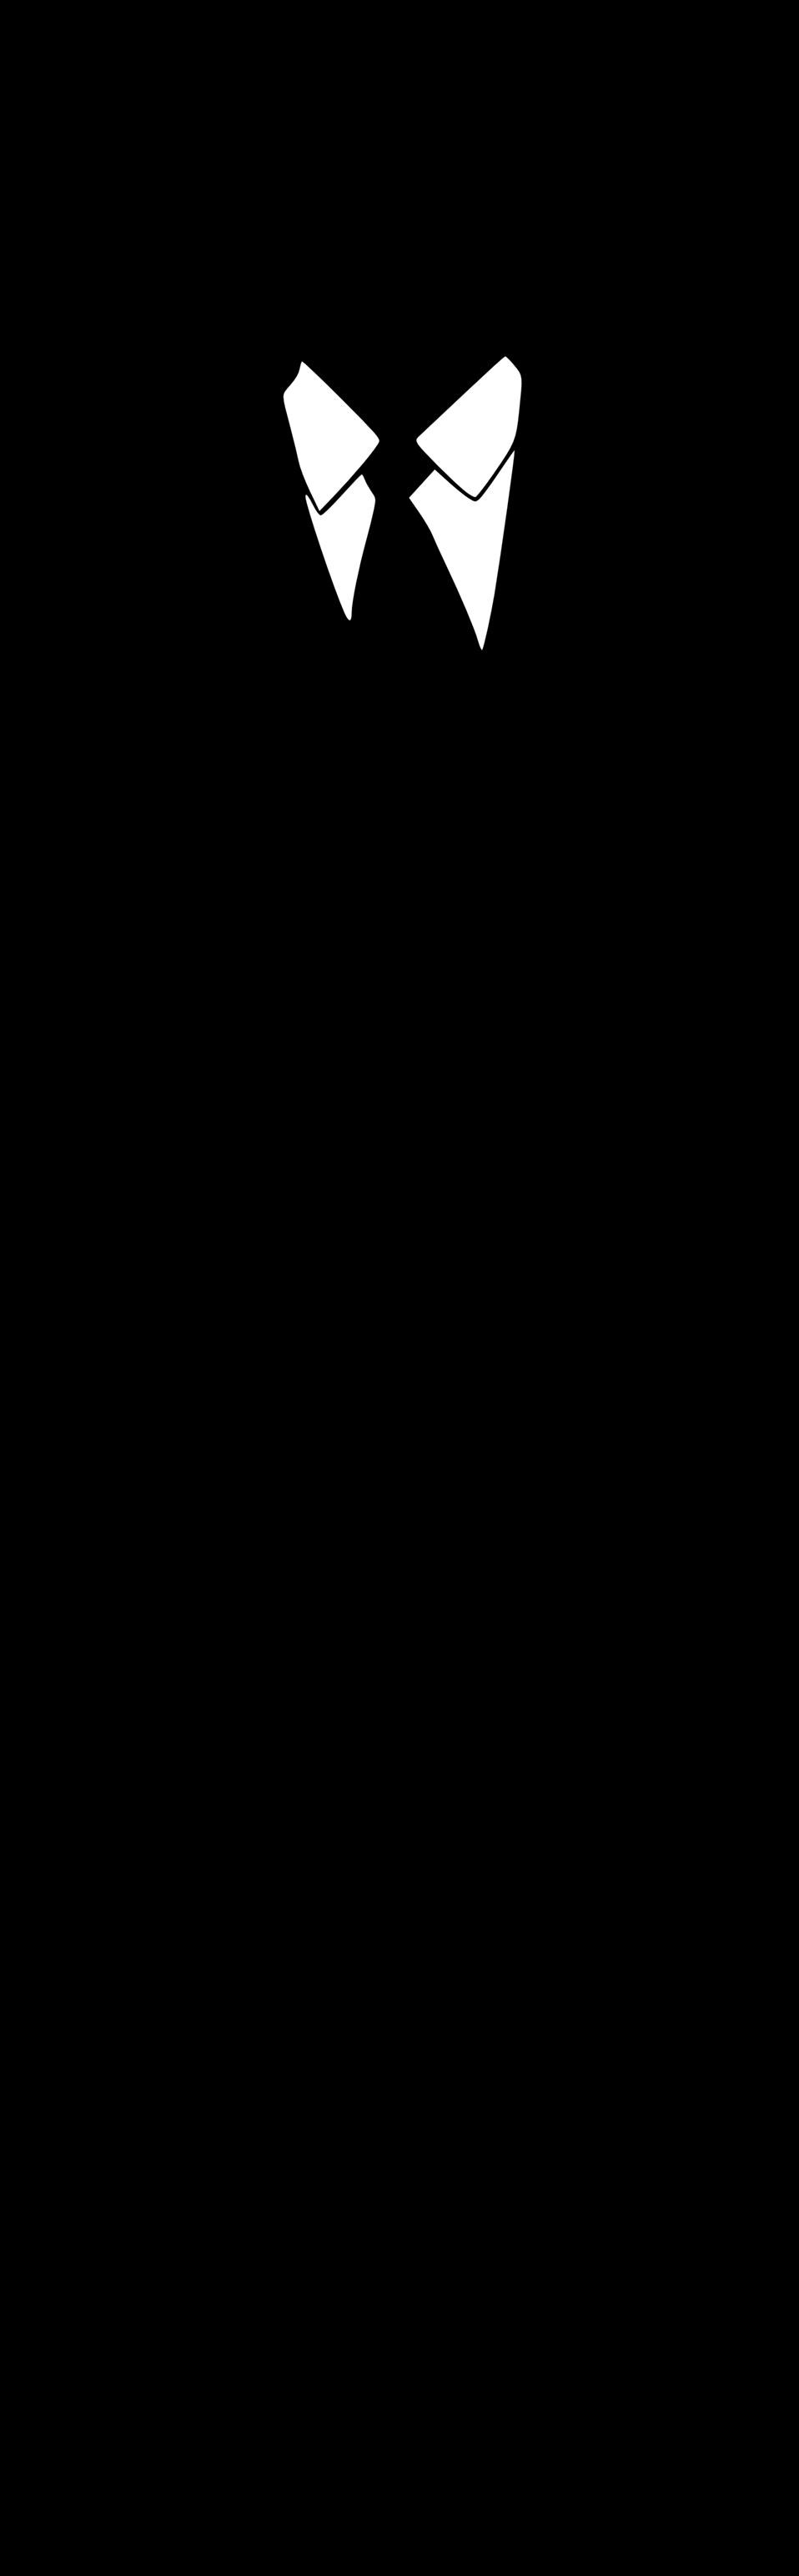 Suit Clipartpublic Domain Clip Art Image-Suit Clipartpublic Domain Clip Art Image Silhouette Of A Man In A Suit-17